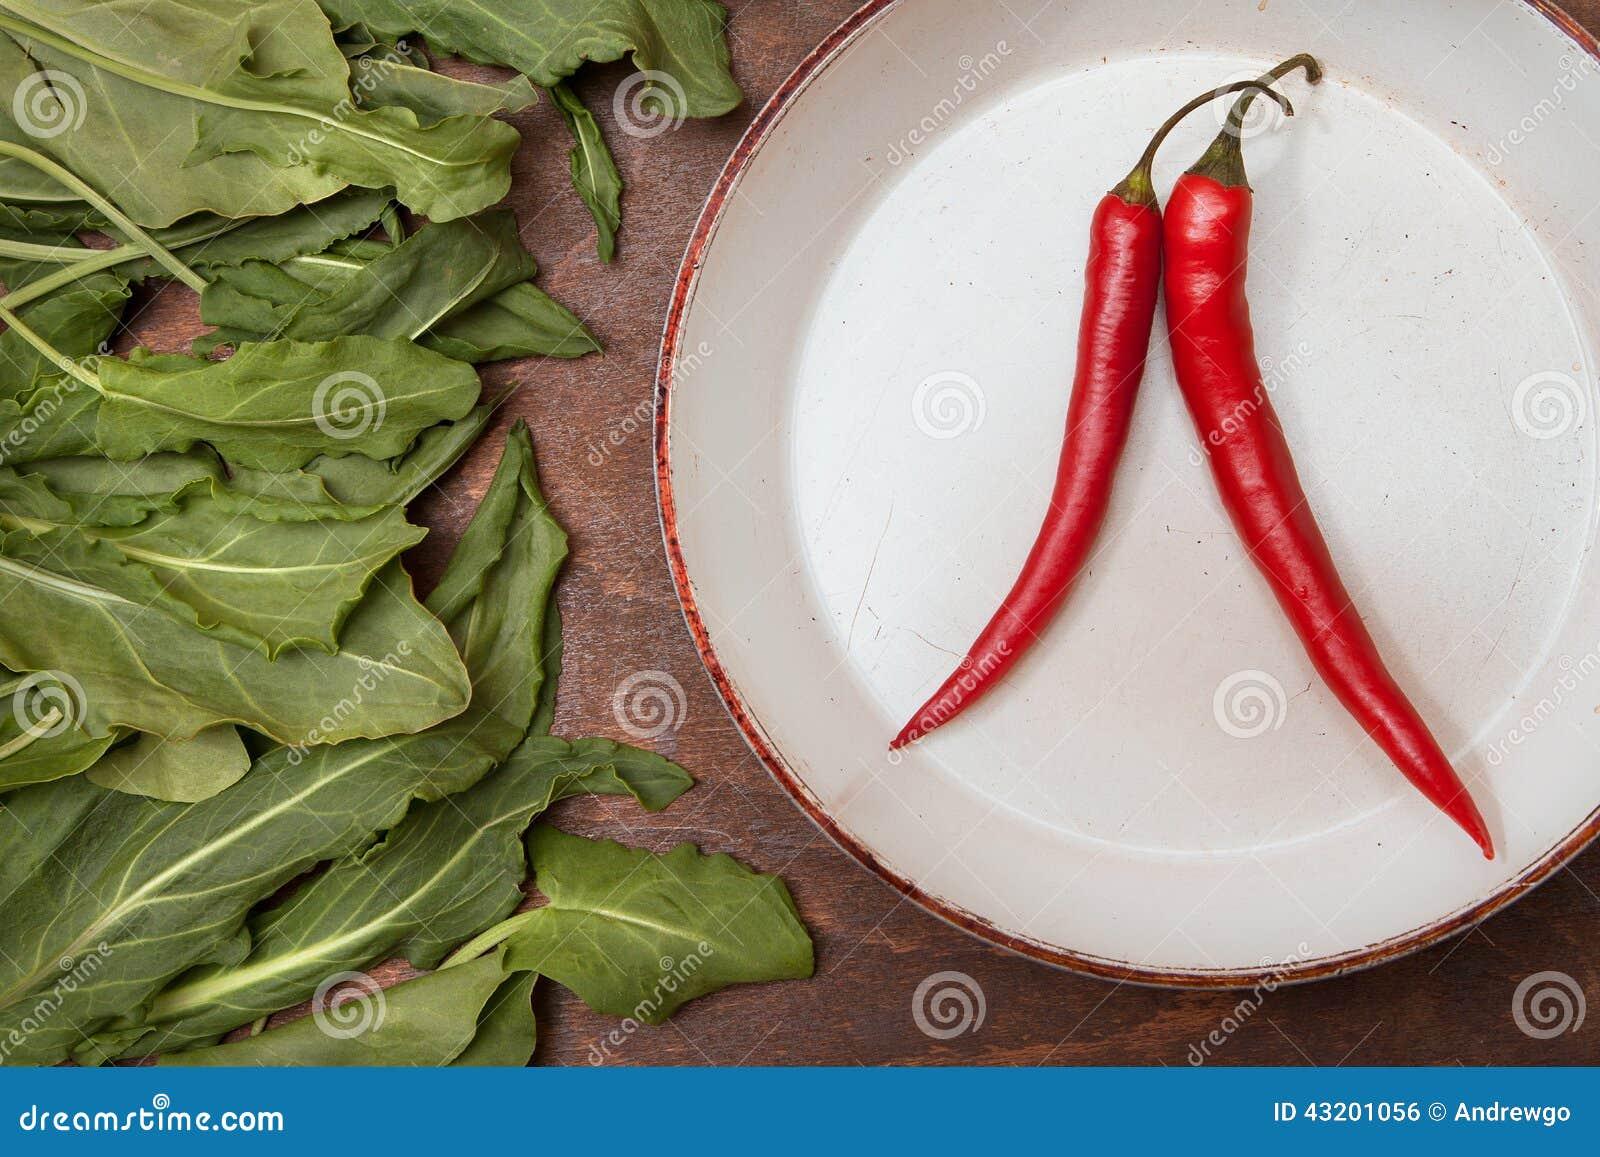 Download Två Röda Peppar På En Vit Platta Arkivfoto - Bild av sallad, green: 43201056